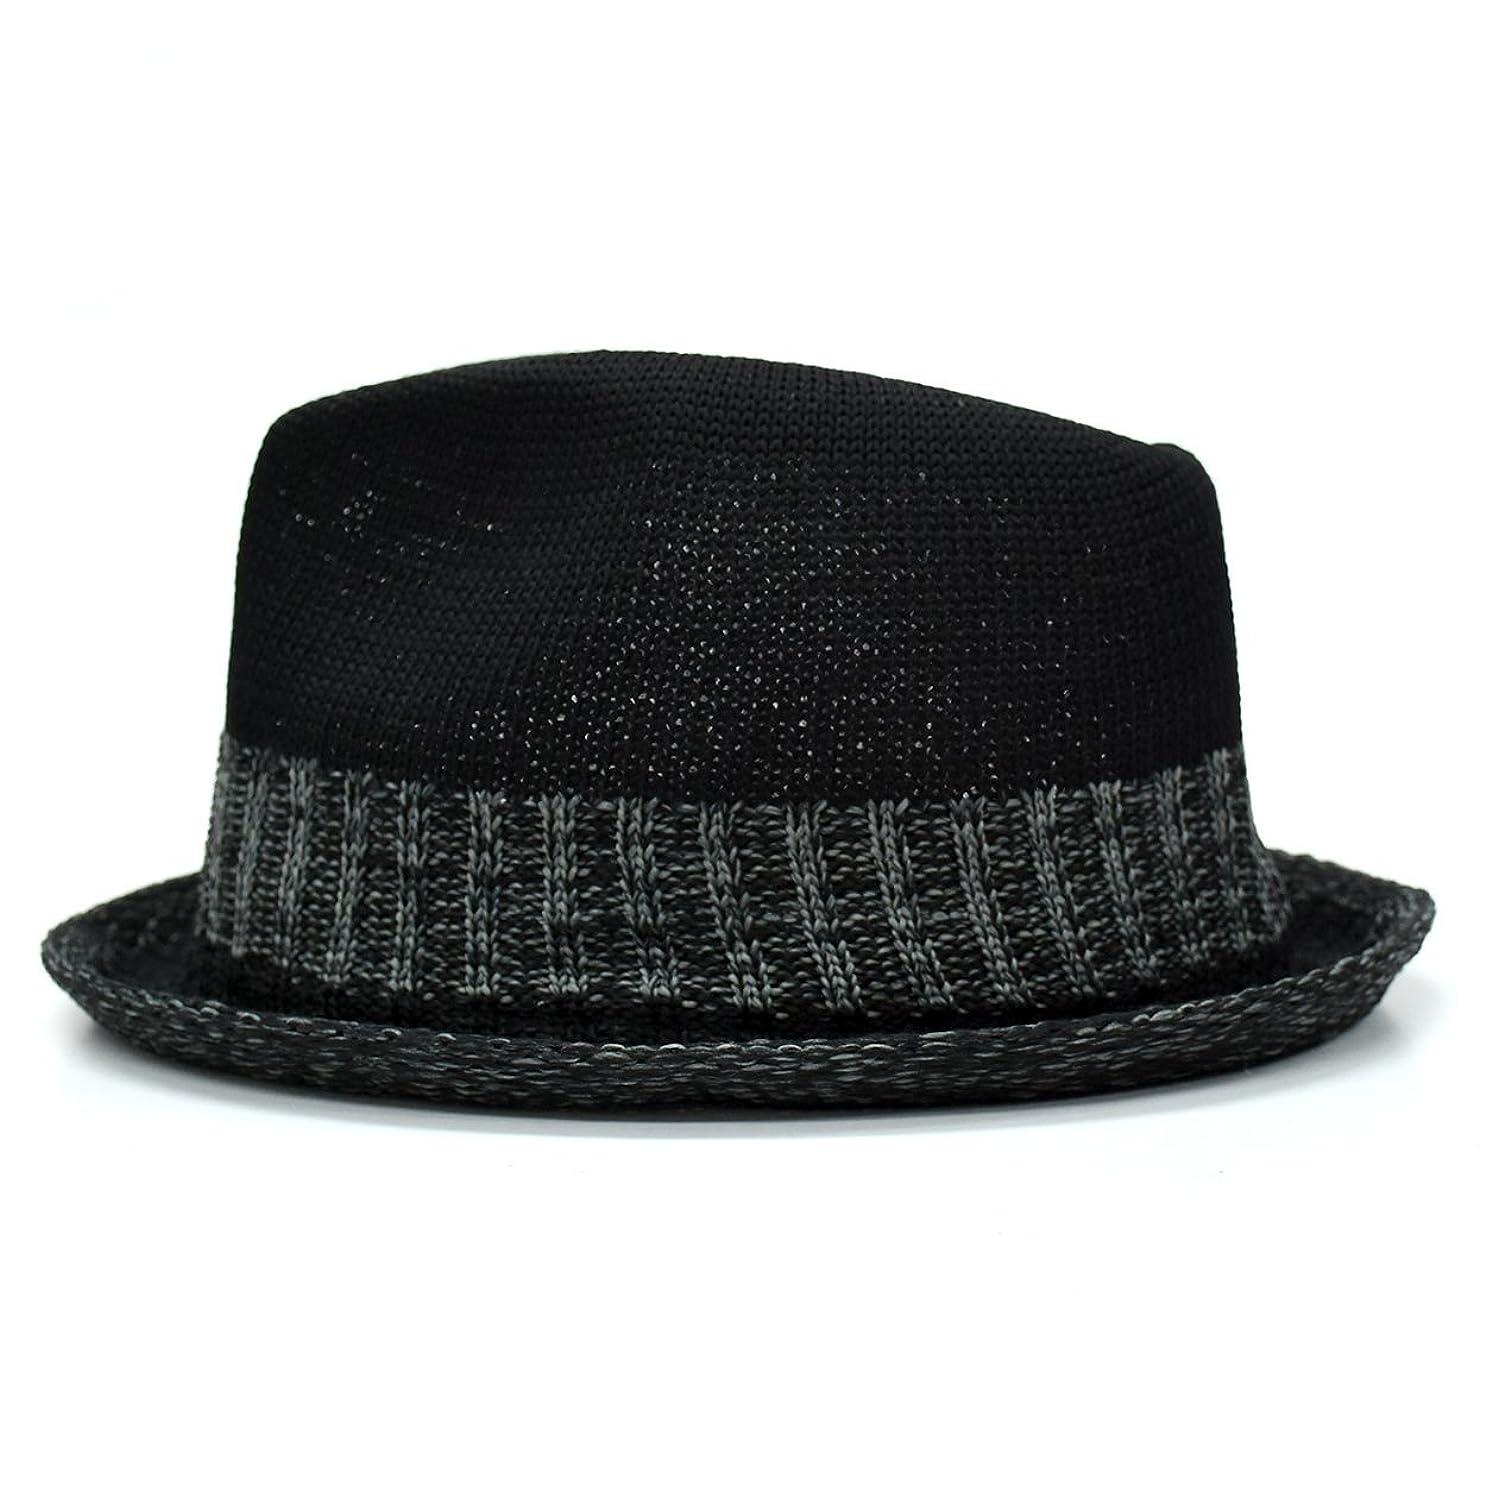 名前を作る召喚する谷[クリサンドラ] 帽子 メンズ ハット 大きいサイズ 中折れハット ポリエステル サーモコンビ マニッシュ ハット フリーサイズ カジュアル ブランド